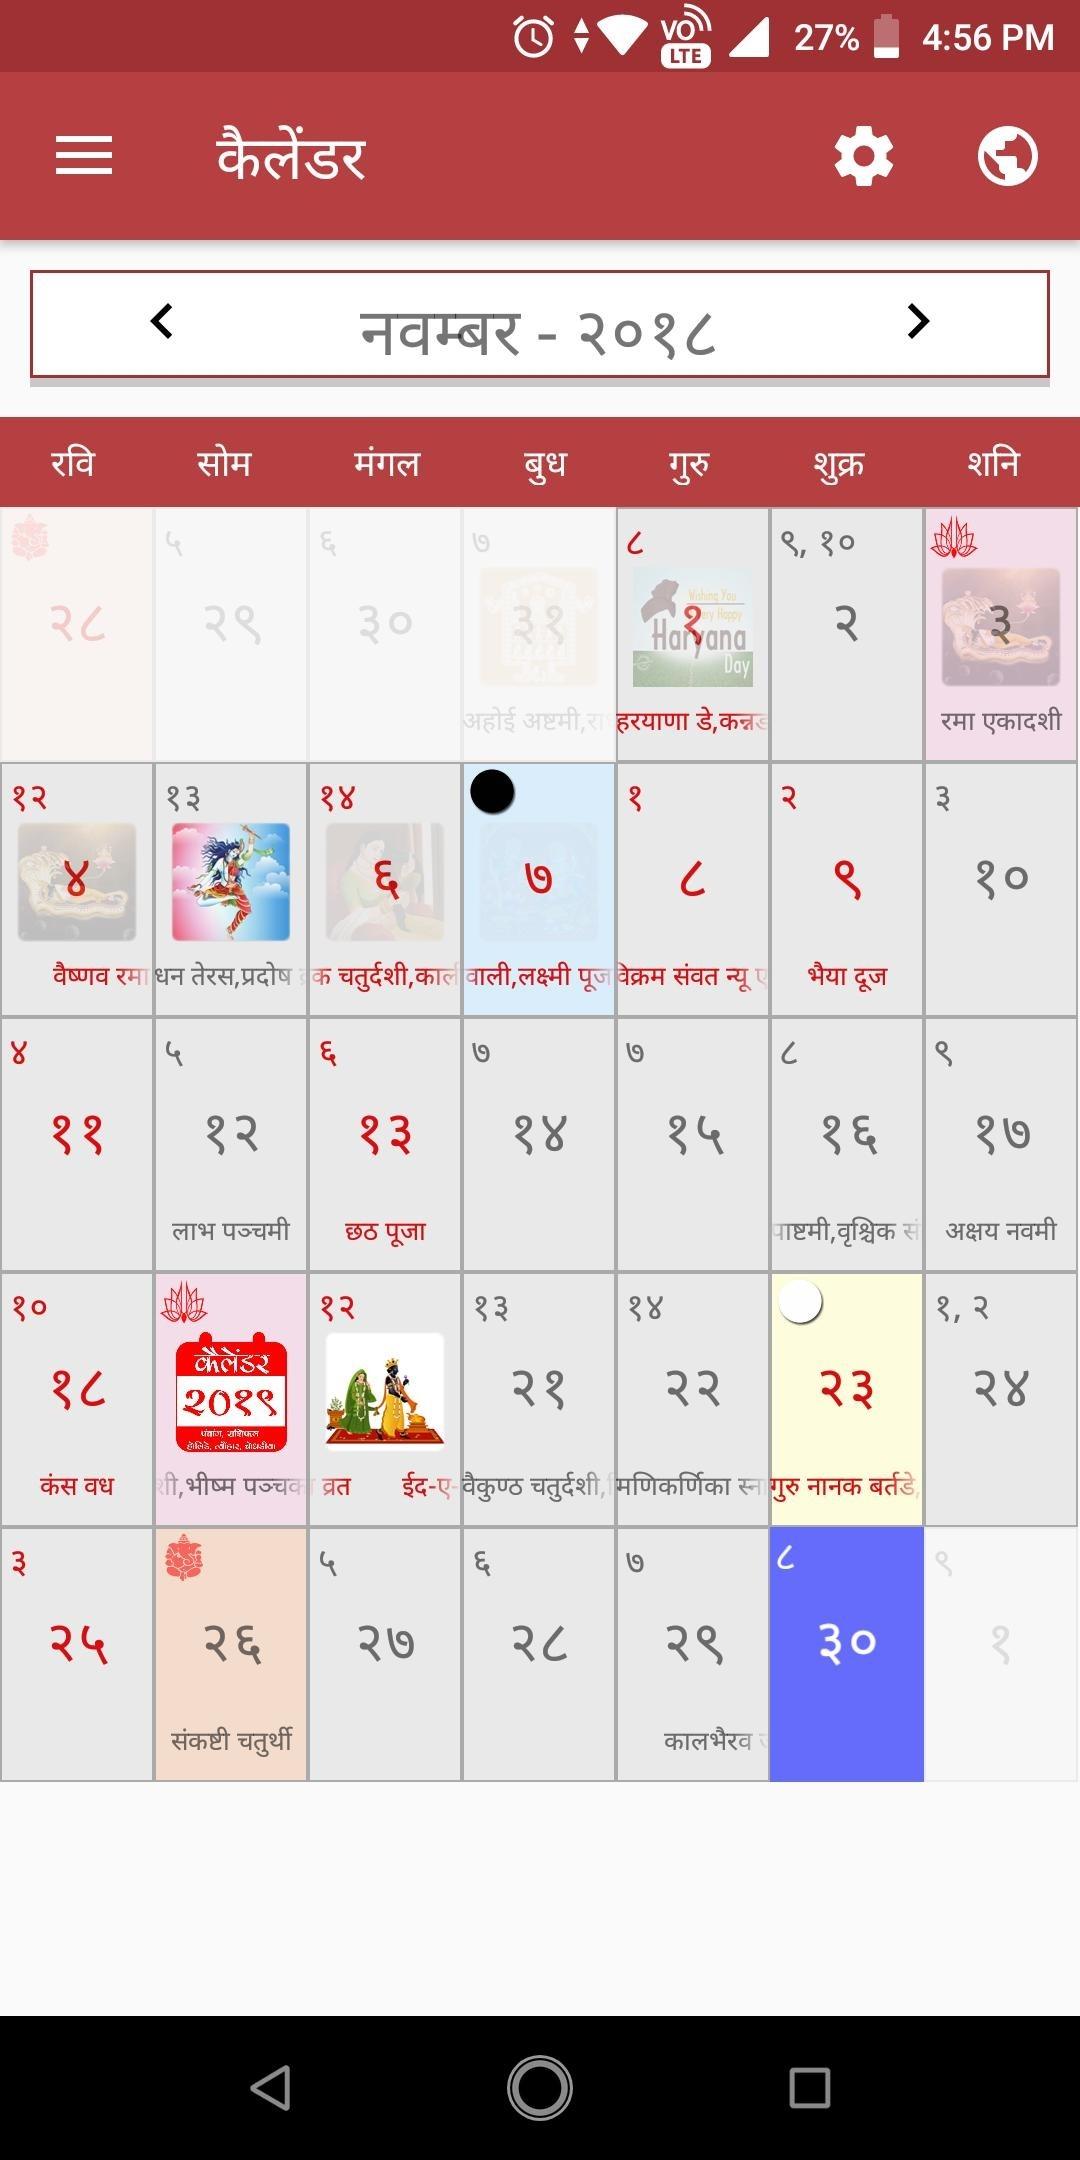 Hindi Calendar 2020 Panchang Rashifal Holiday Fest For-Calendar 2020 Holidays Hindi